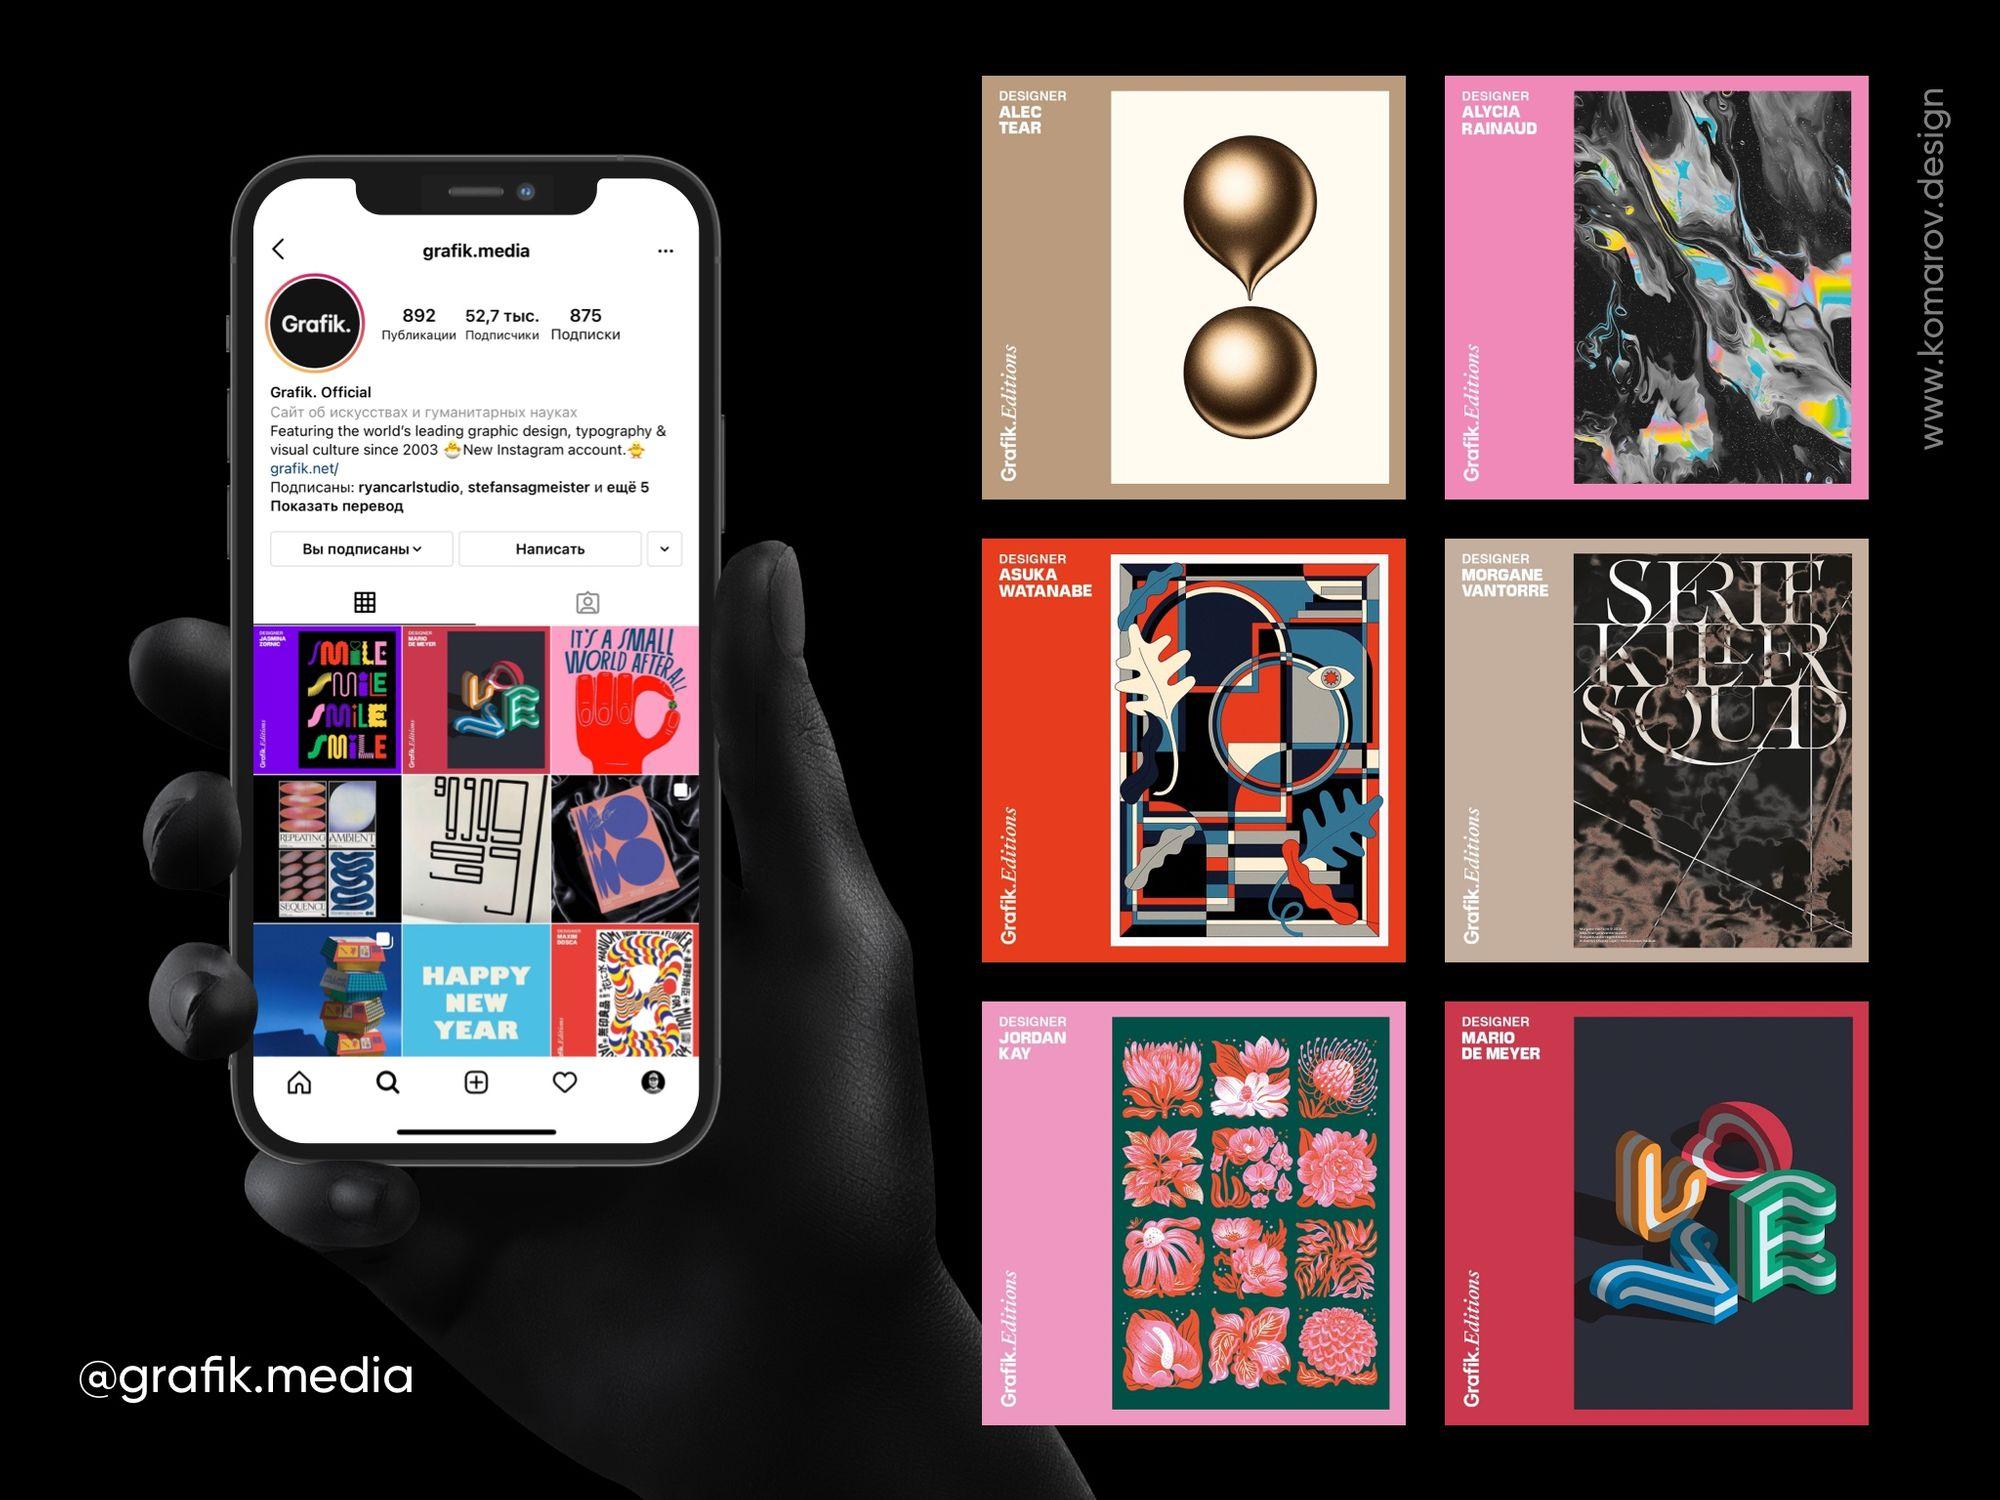 Инстаграм-аккаунт с графическим дизайном и типографиков